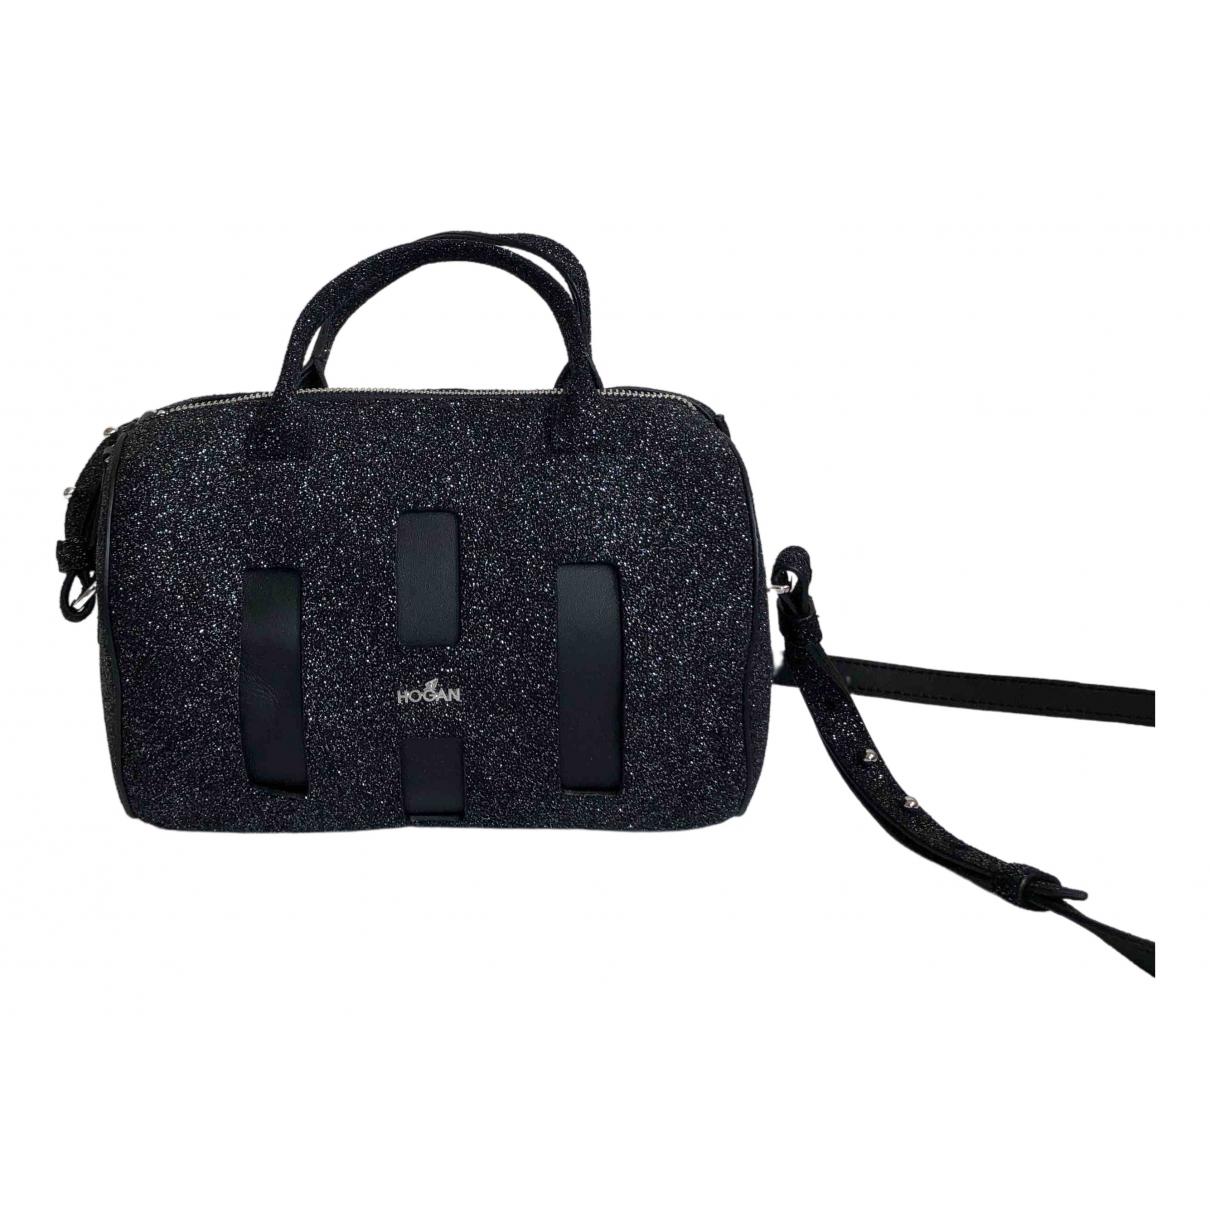 Hogan \N Black Glitter handbag for Women \N